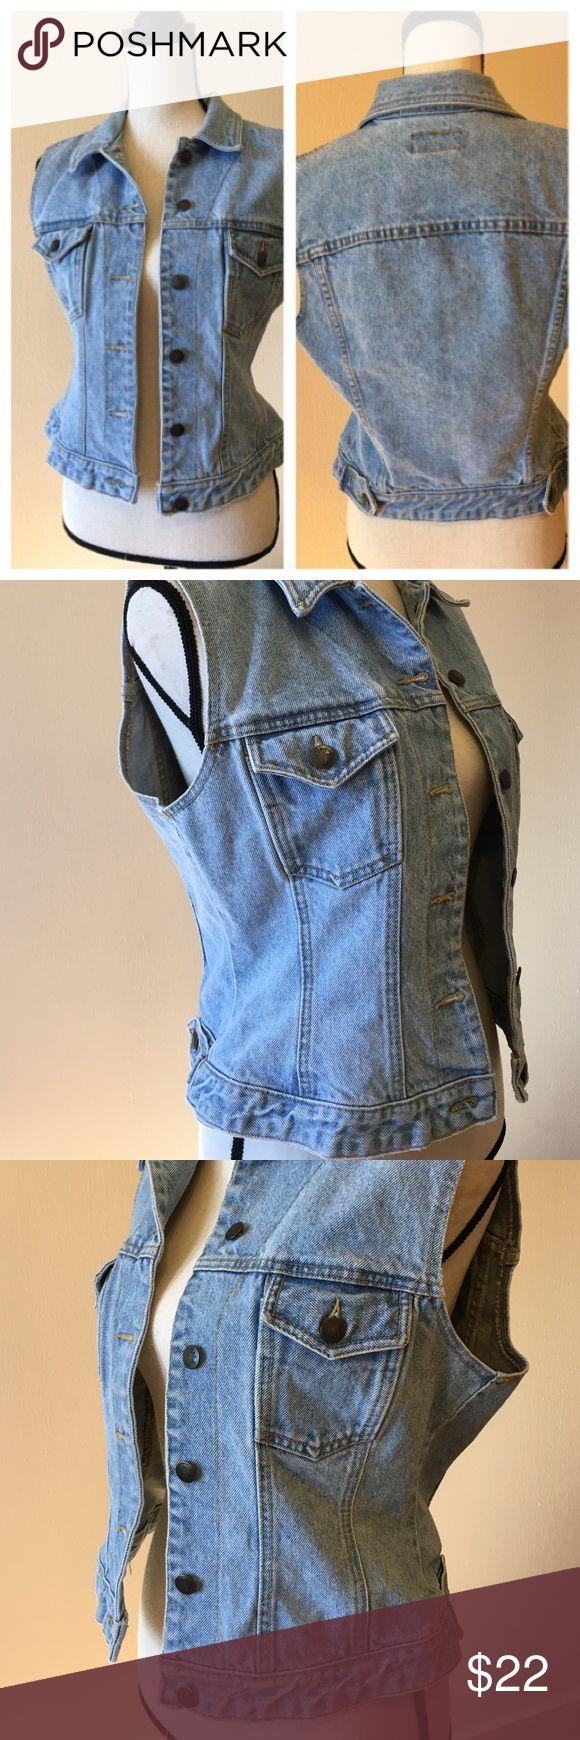 Vintage Paris Blues denim sleeveless jacket Excellent condition 👌 Paris Blues Jackets & Coats